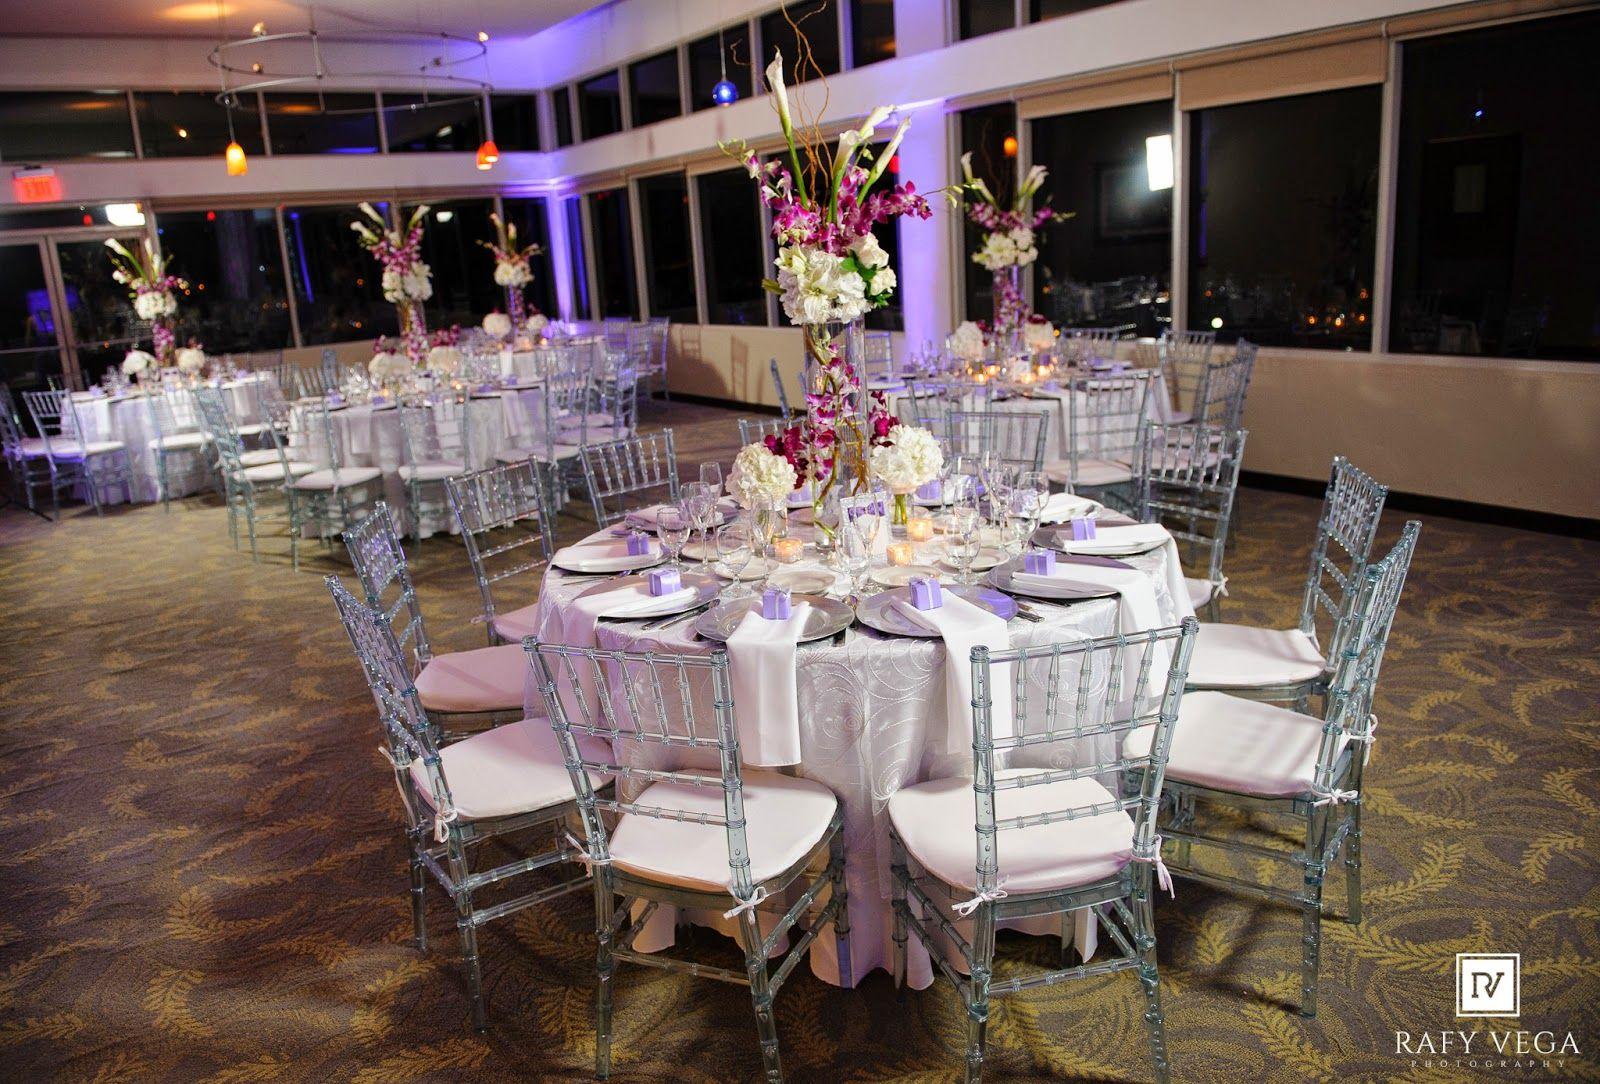 Rafy Vega Photography Fotografo De Bodas Wedding Photographer Ponce Puerto Rico Boda En Costa Caribe Golf Country Club P Boda En La Playa Boda Hotel